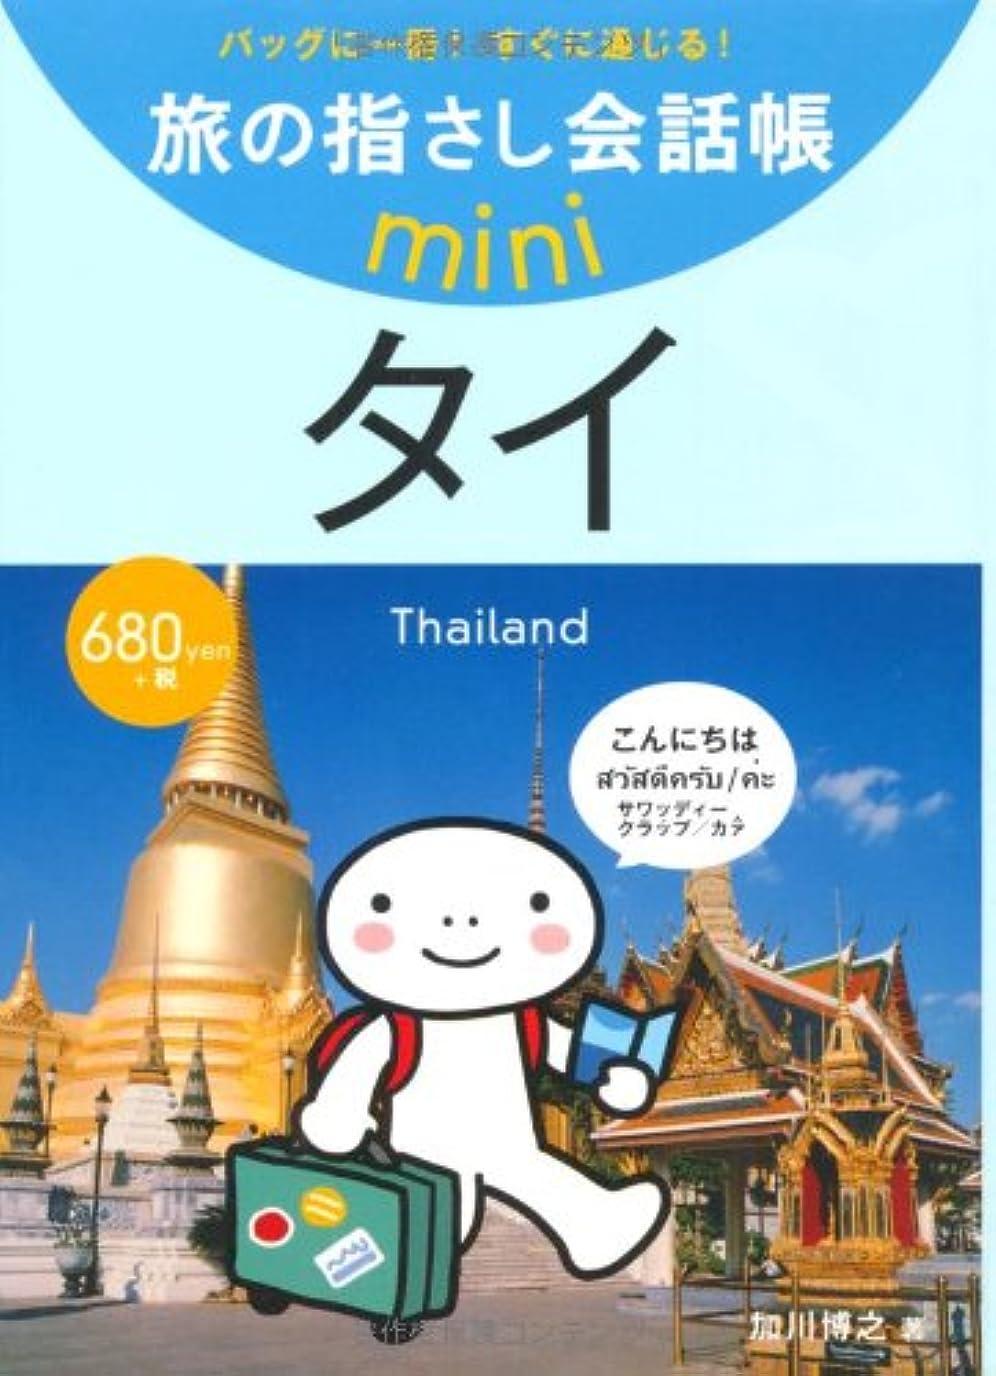 達成獲物引っ張る旅の指さし会話帳mini タイ(タイ語)